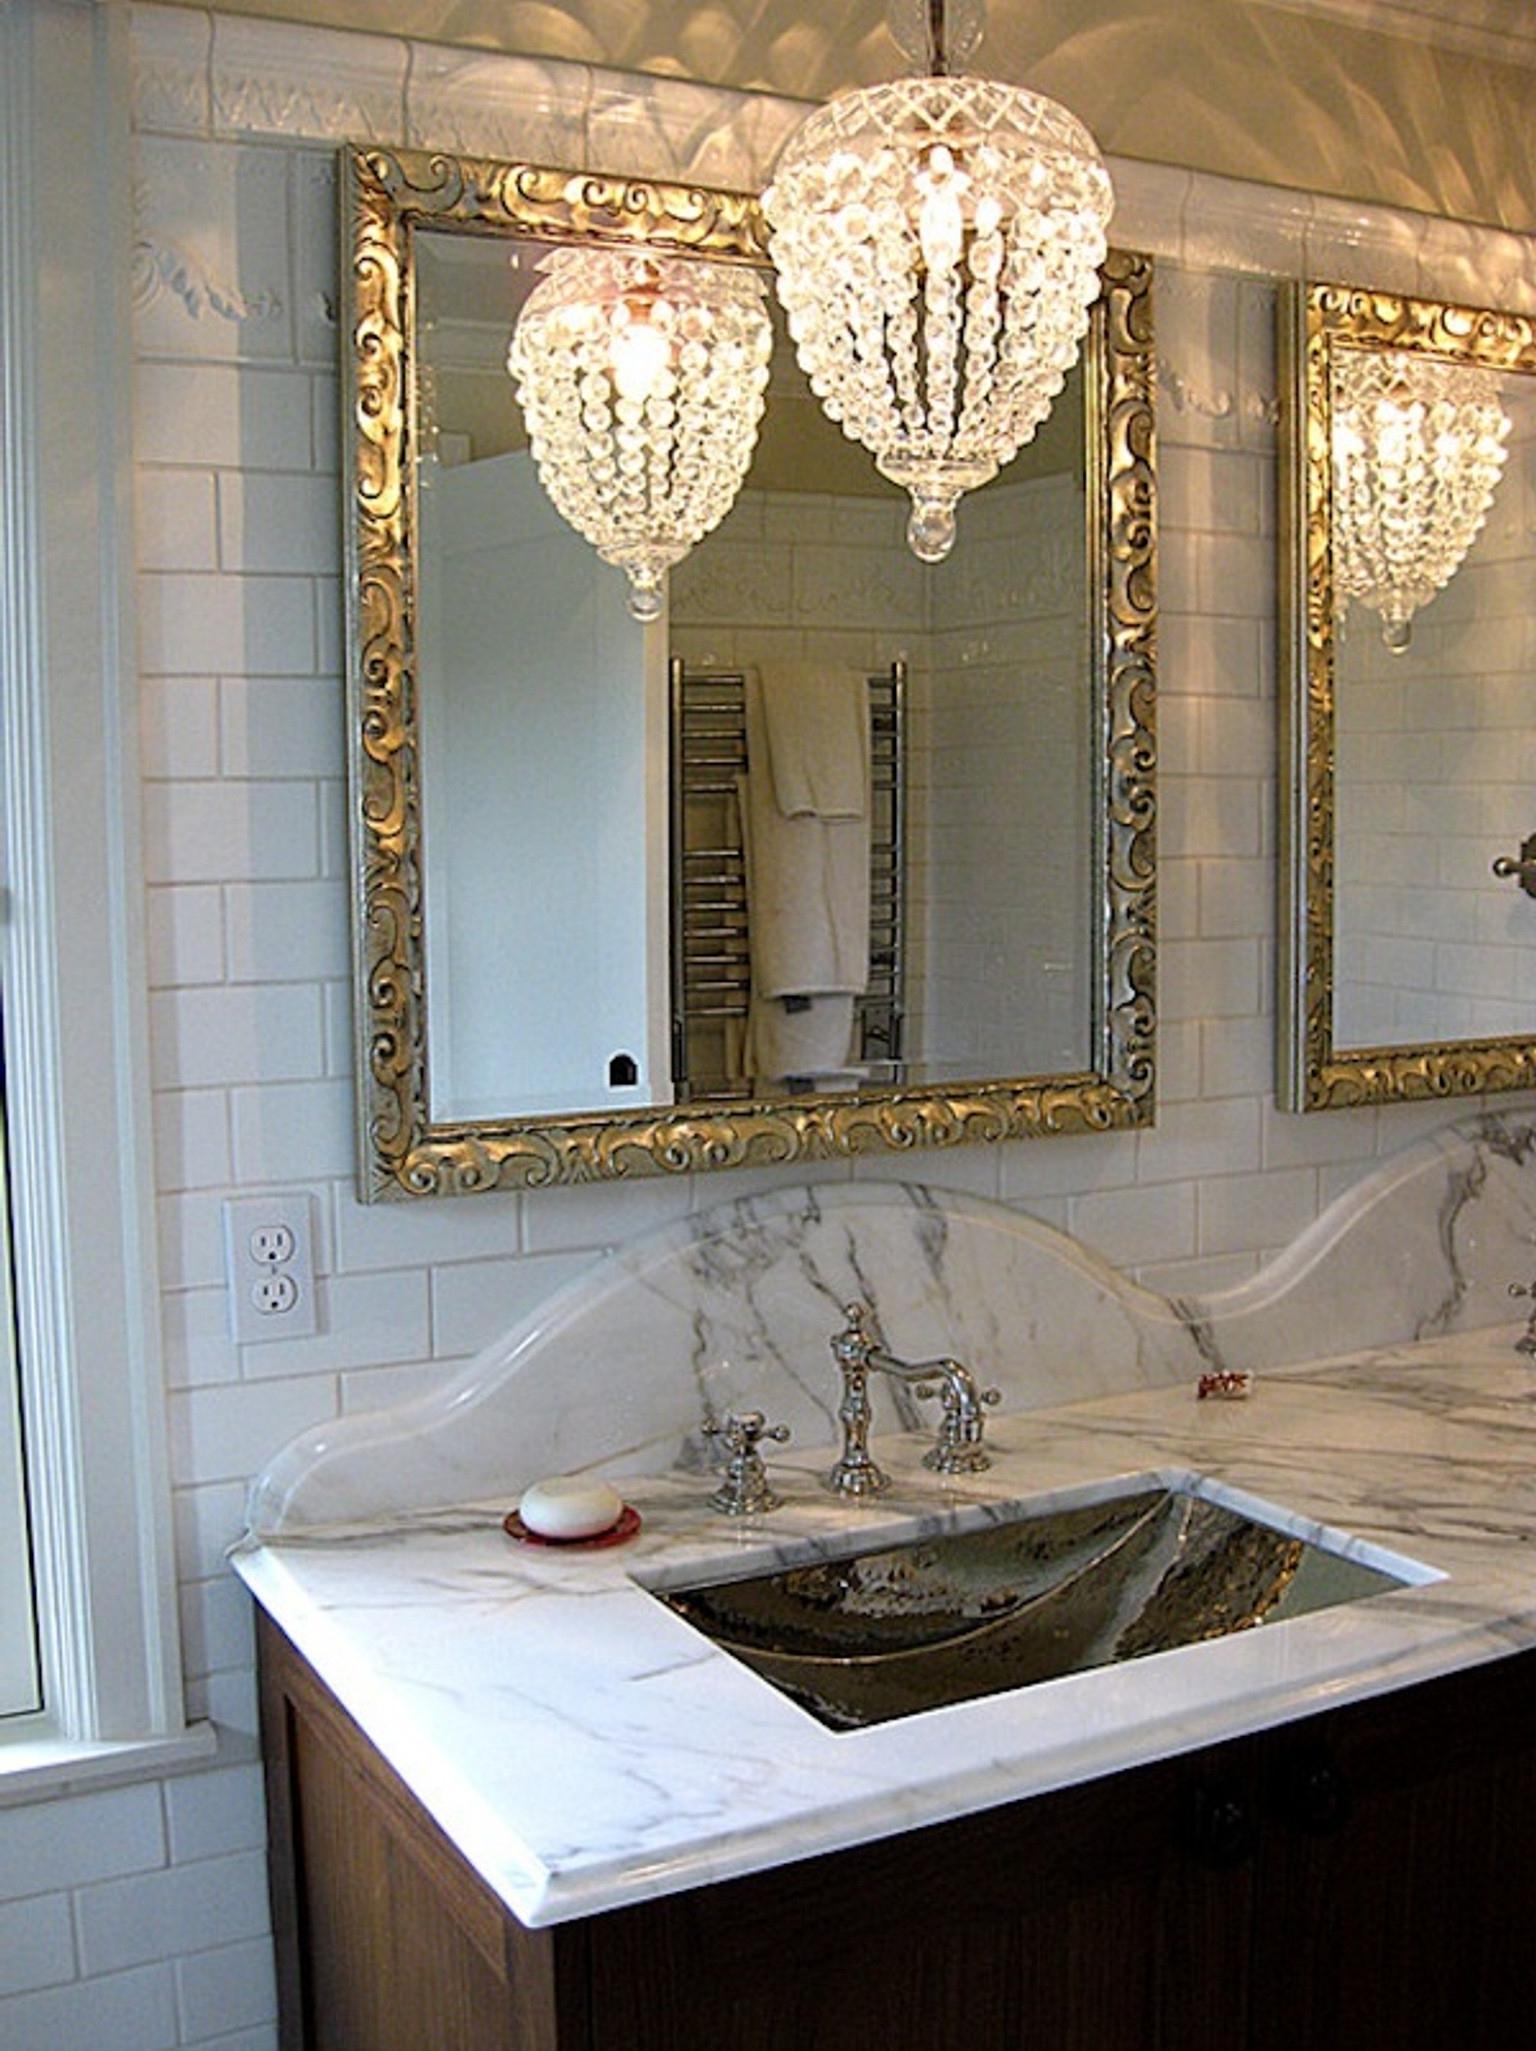 Preferred Chandeliers : Bathroom Chandeliers Ideas Elegant Beneficial Bathroom Intended For Chandelier Bathroom Lighting Fixtures (View 14 of 15)